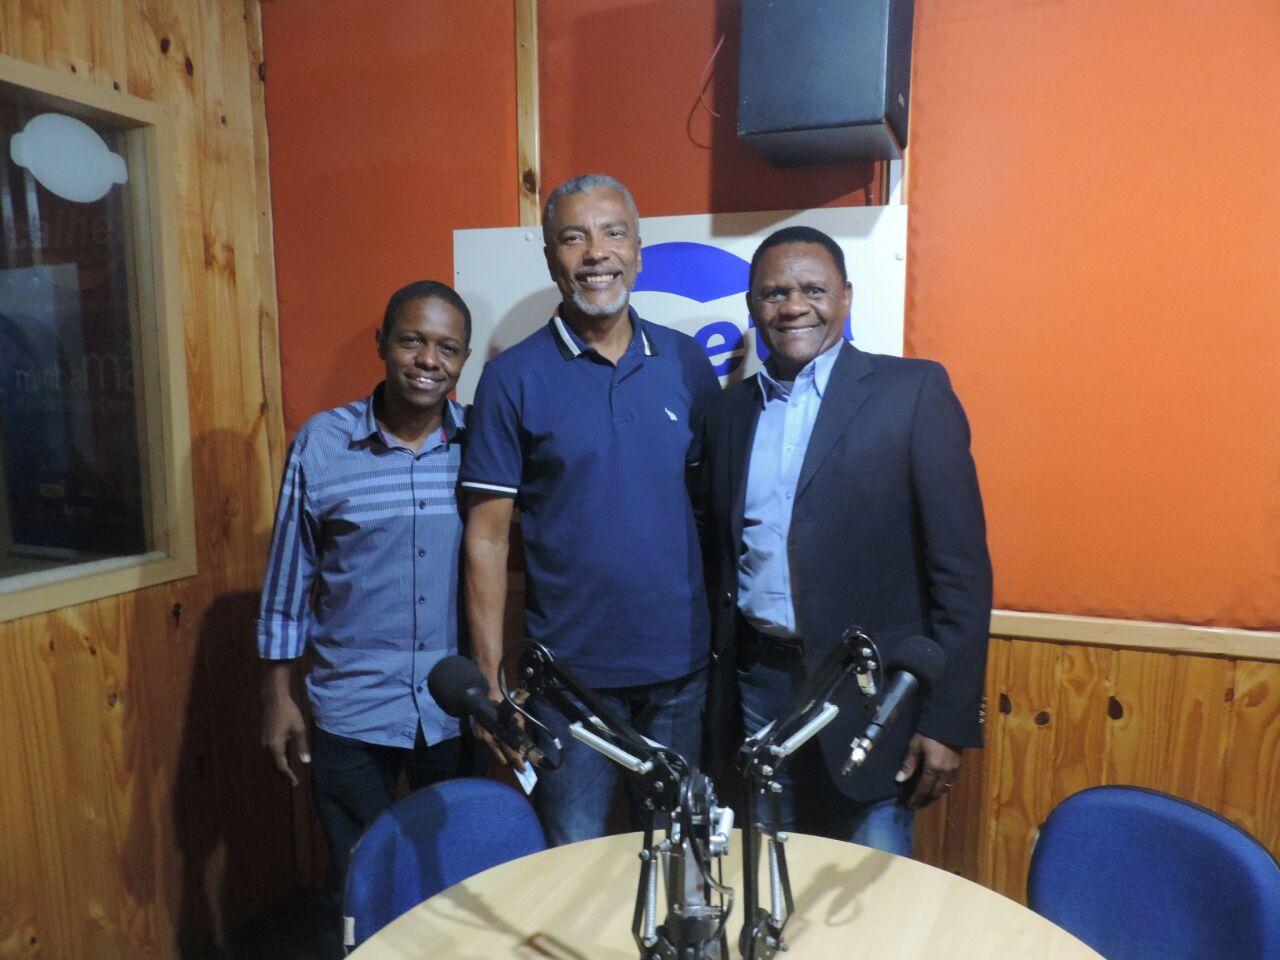 Litoral Sul – Deputado Ossesio Silva concede entrevista na Rádio Calheta no Cabo de Santo Agostinho